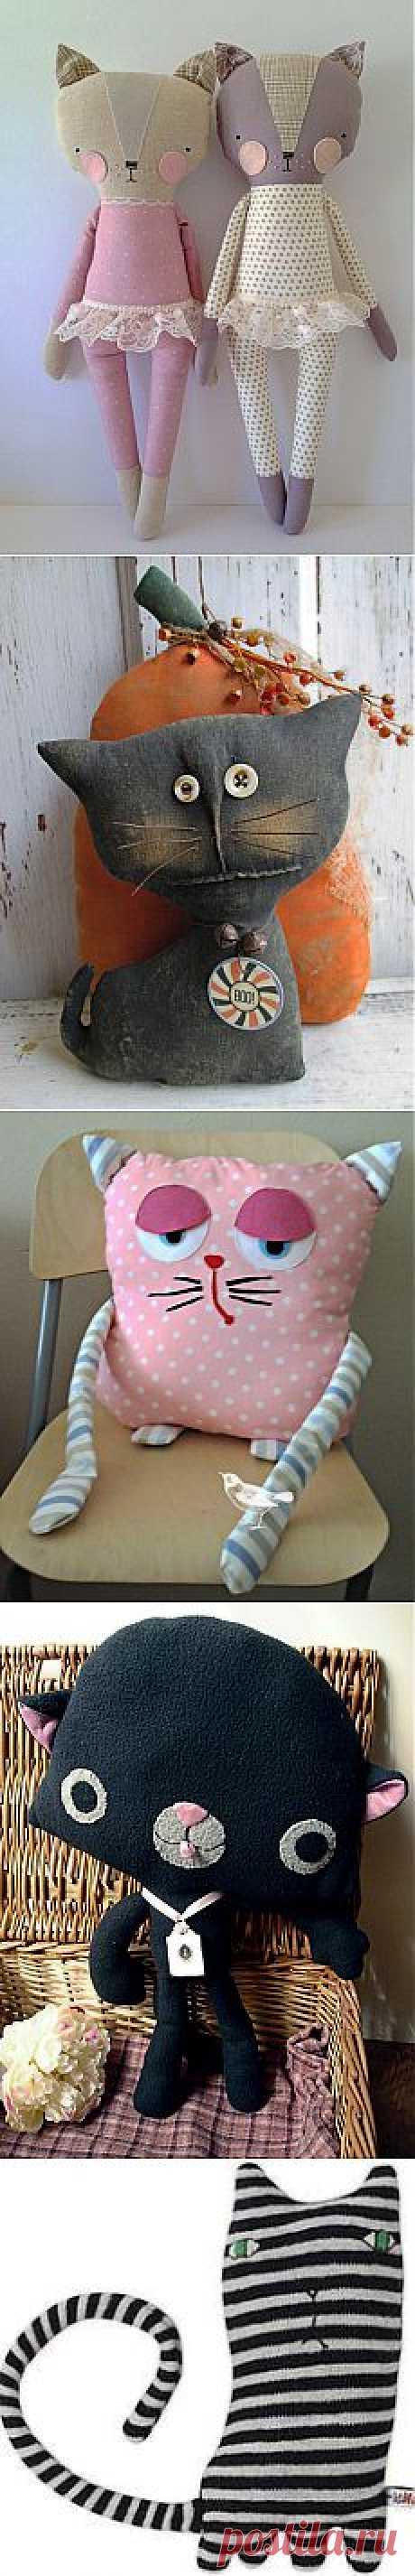 """Идеи для игрушек. Часть 2. """"Котя, котенька-коток, котик, серенький лобок..."""" - Ярмарка Мастеров - ручная работа, handmade"""